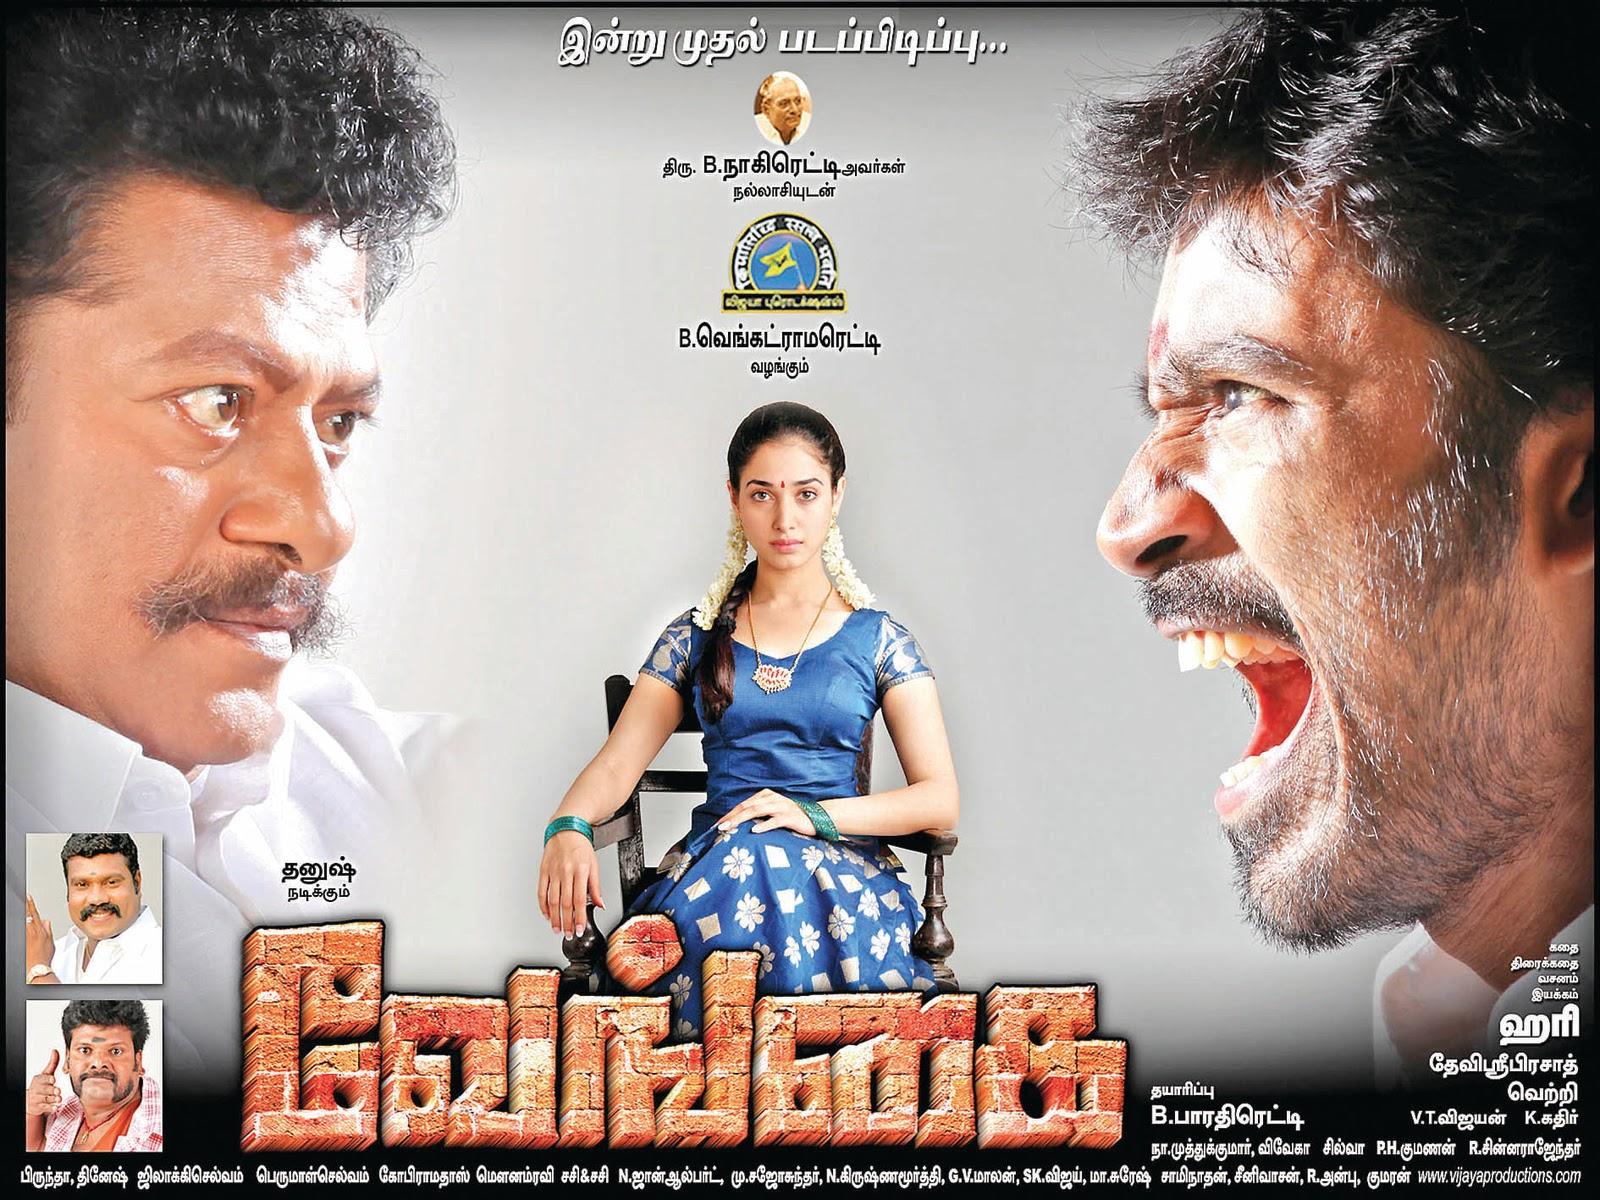 vengai tamil movie ringtones - true blood s05e05 hdtv x264 asap